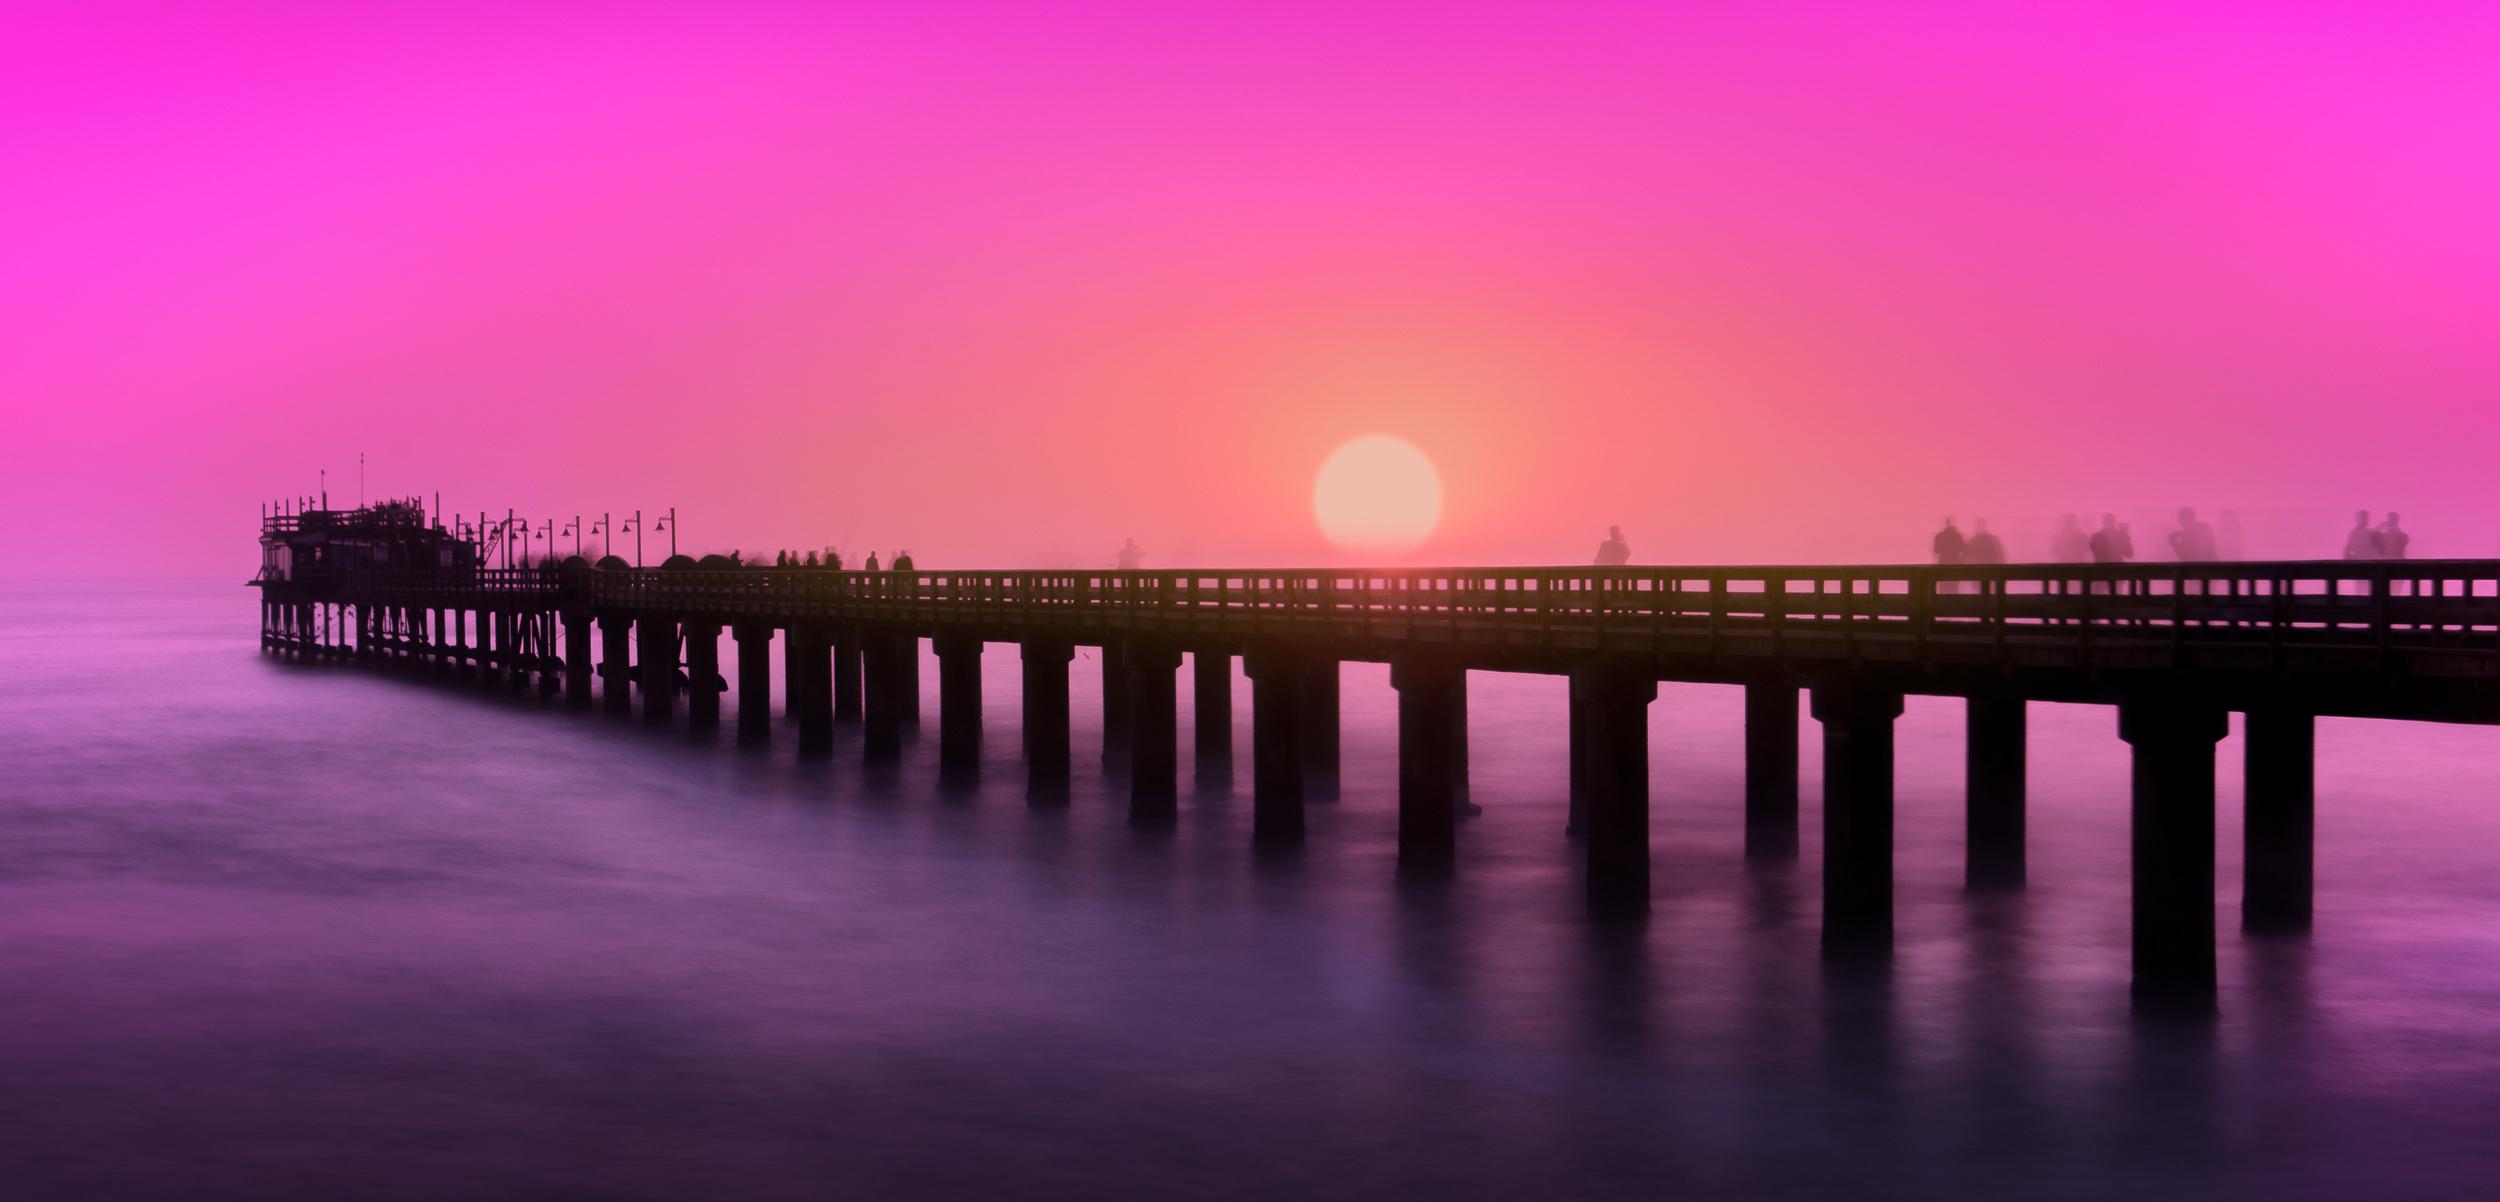 bridge-sun